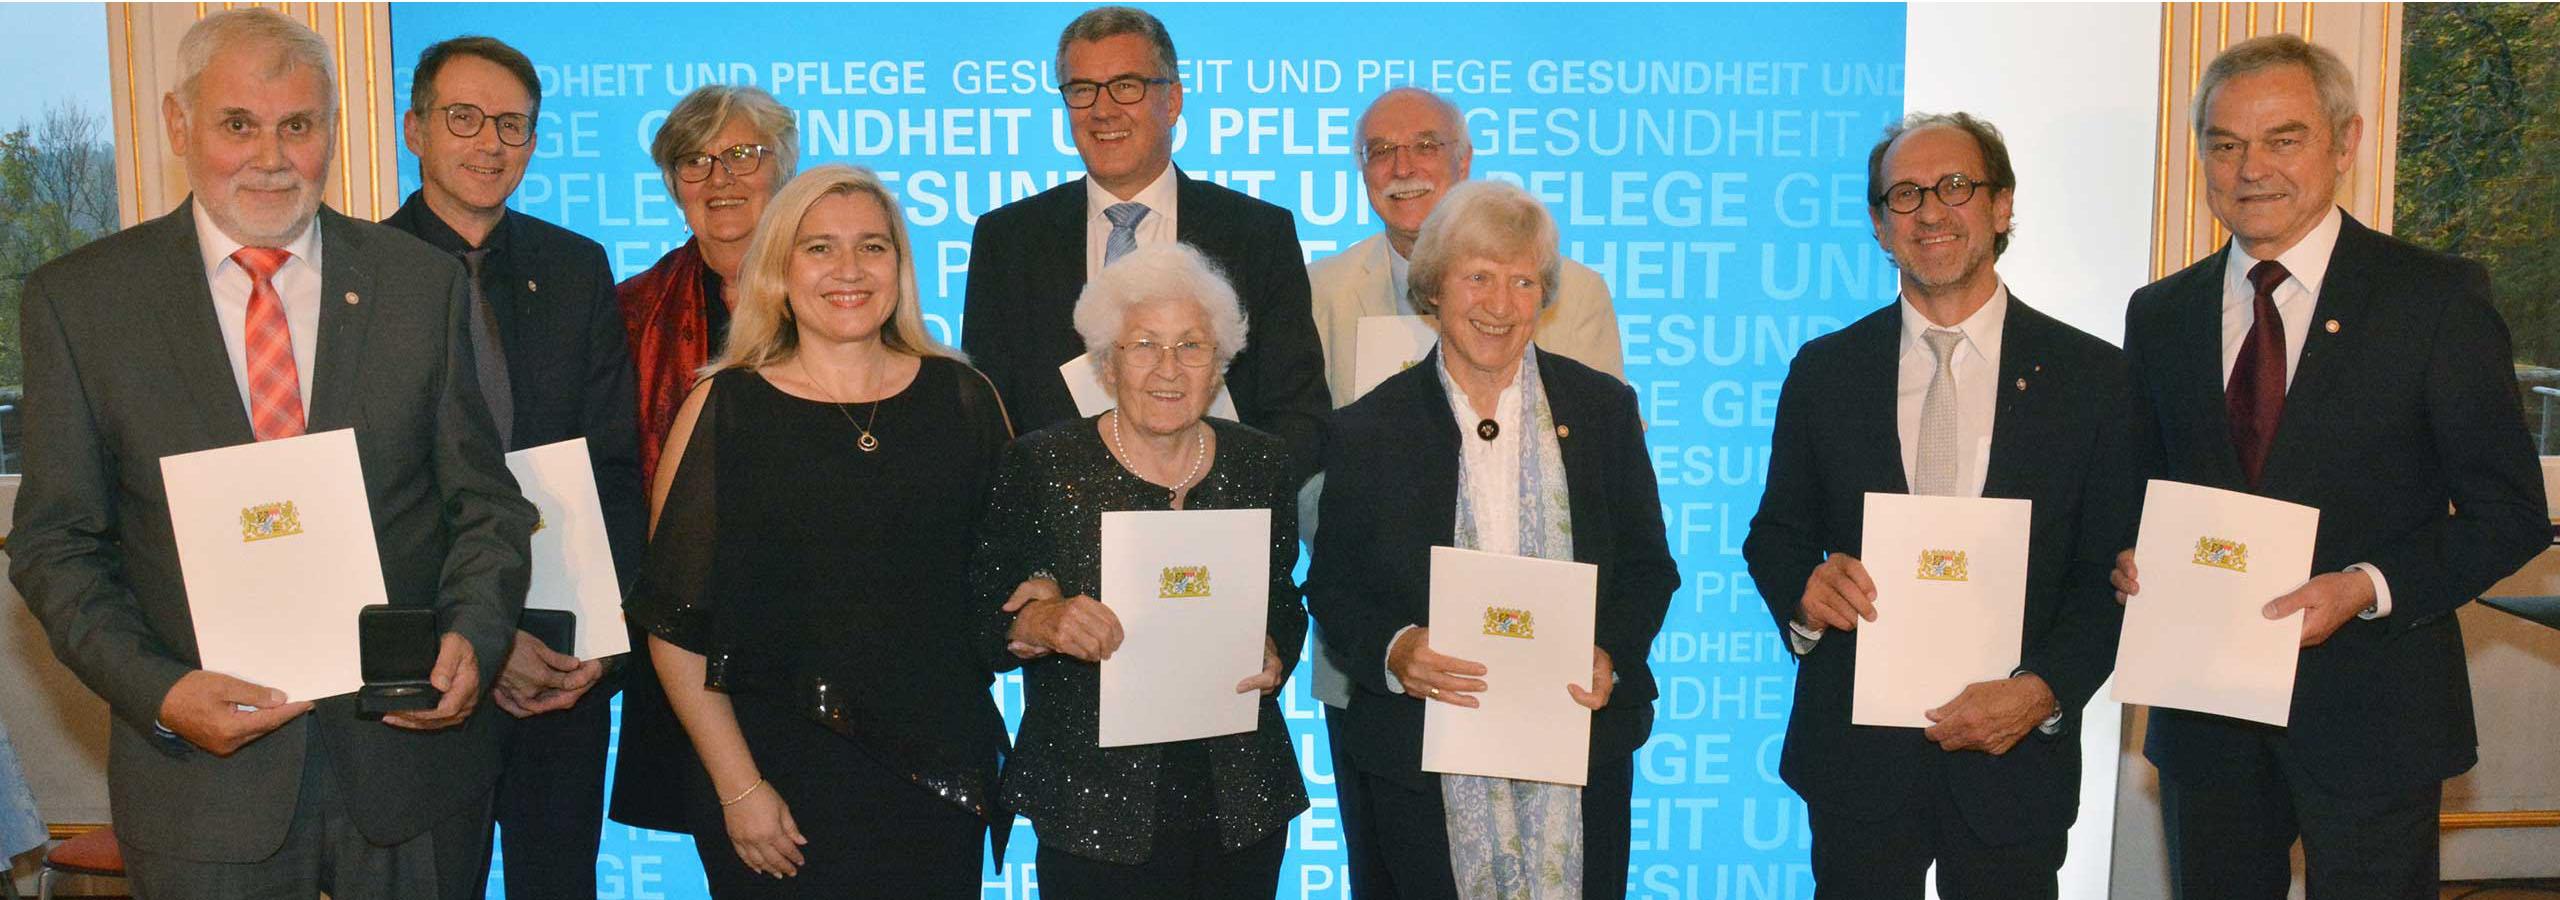 Verleihung der Gesundheits- und Pflegemedaille 2019 bei Bayreuth am 24.10.2019 - Gruppenbild